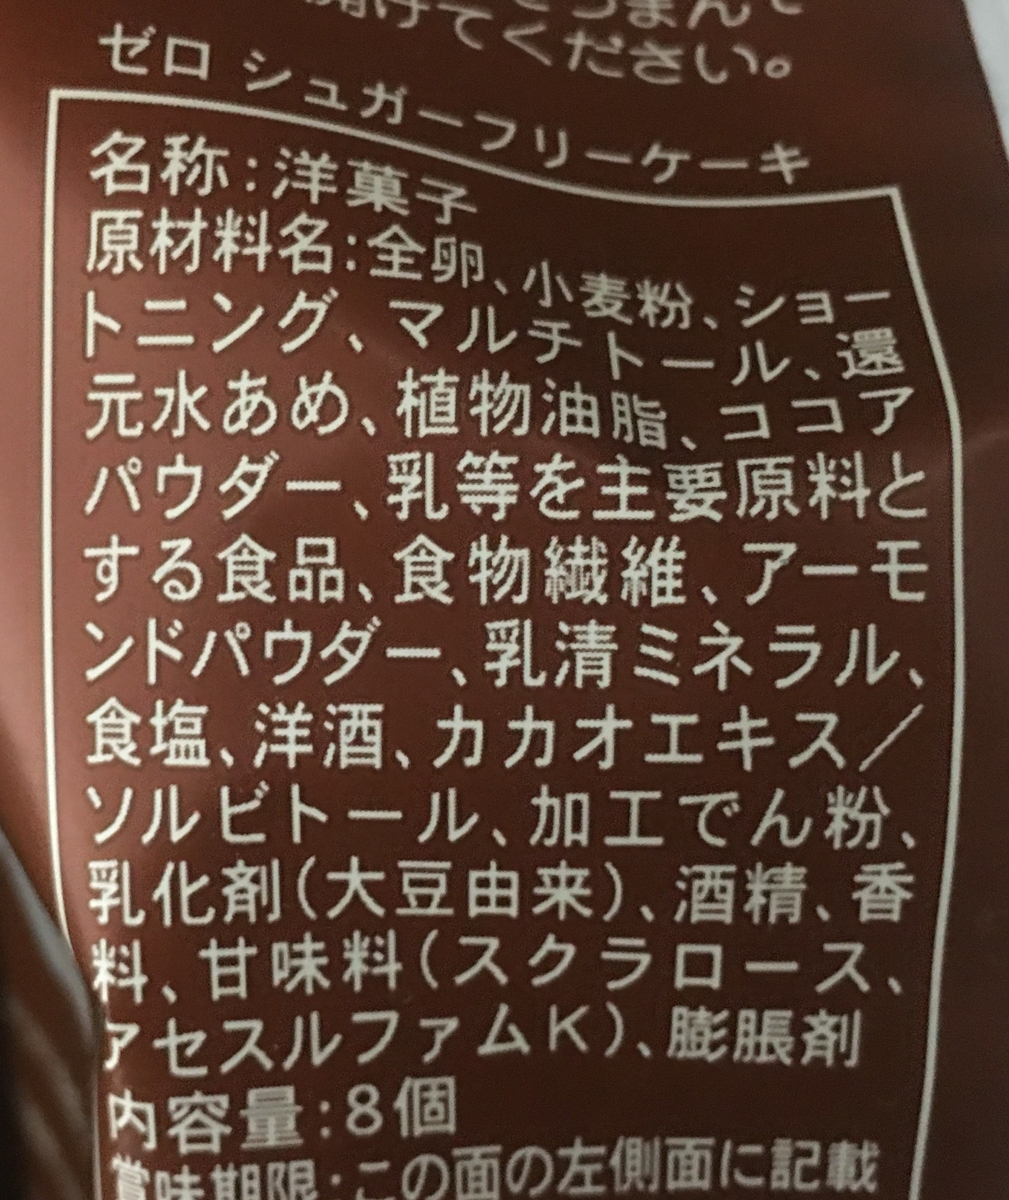 f:id:YOSHIO1010:20200314234656j:plain